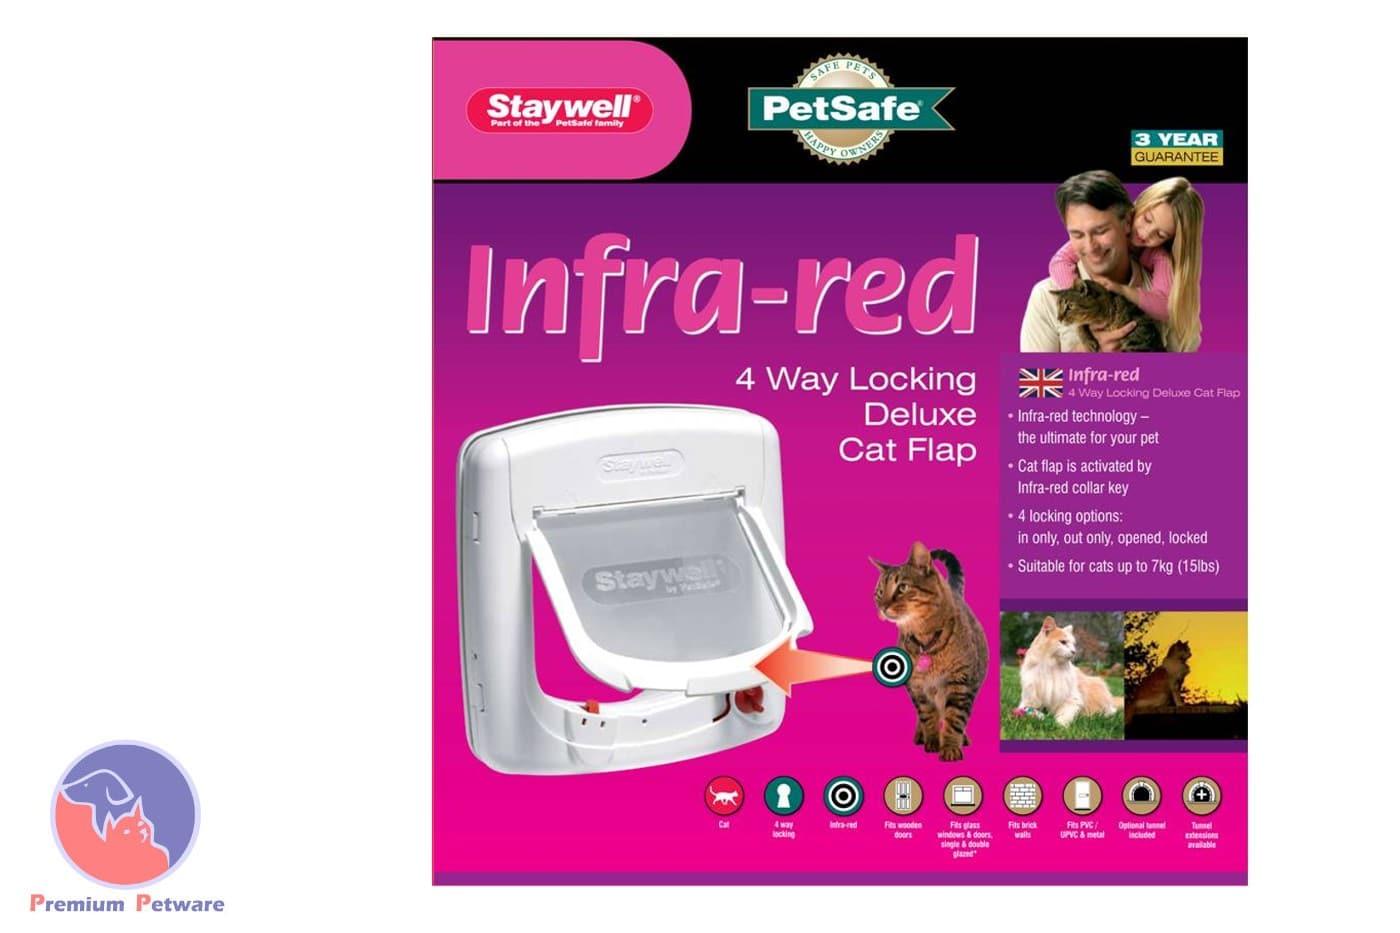 Petsafe Staywell 4 Way Infrared Cat Door Premium Petware